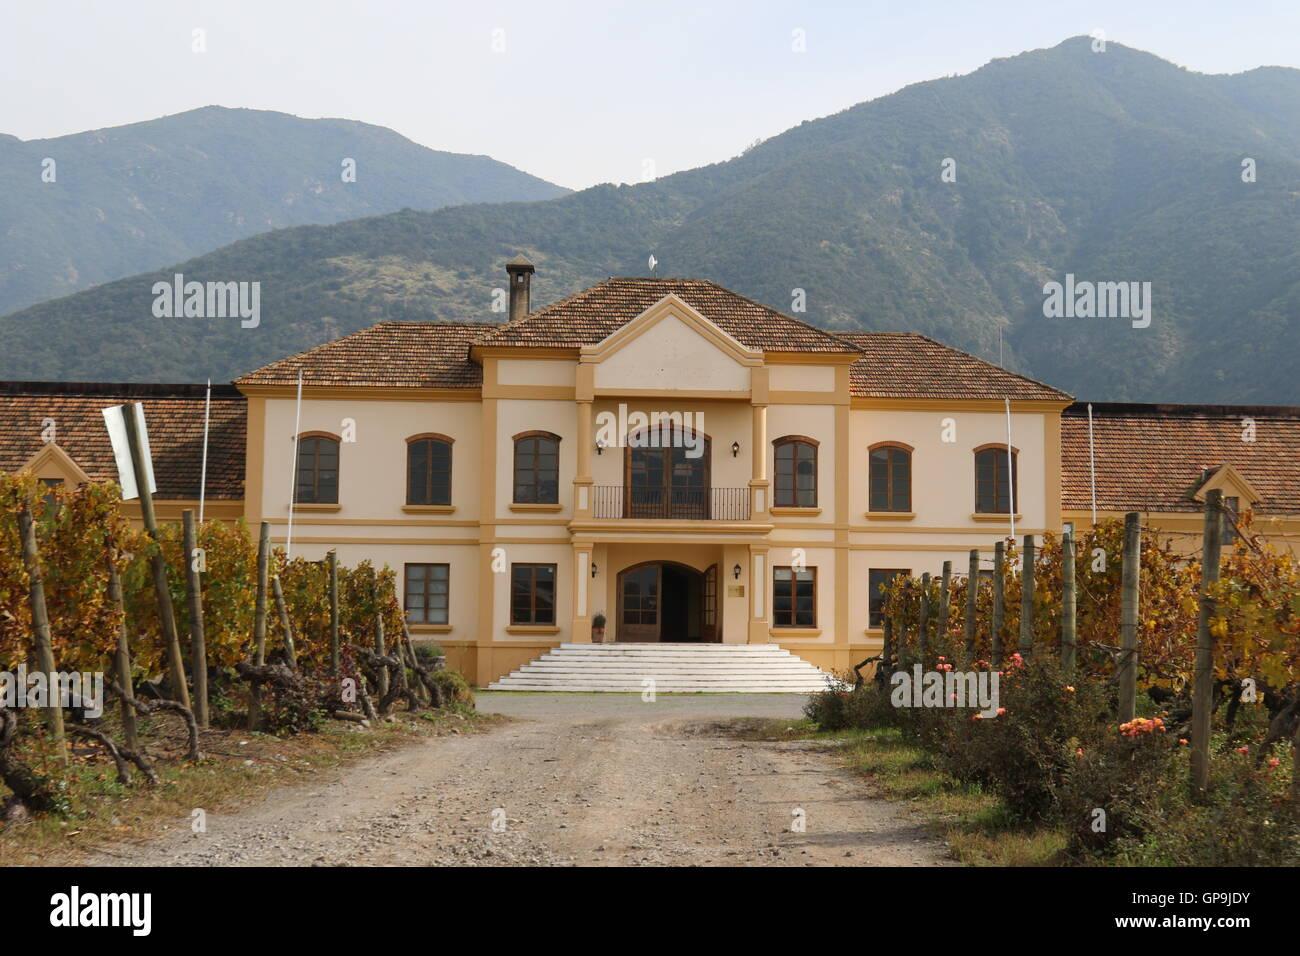 Mansión en viña Koyle viñedos familiares, Los Lingues, Alto Colchagua, Chile Imagen De Stock